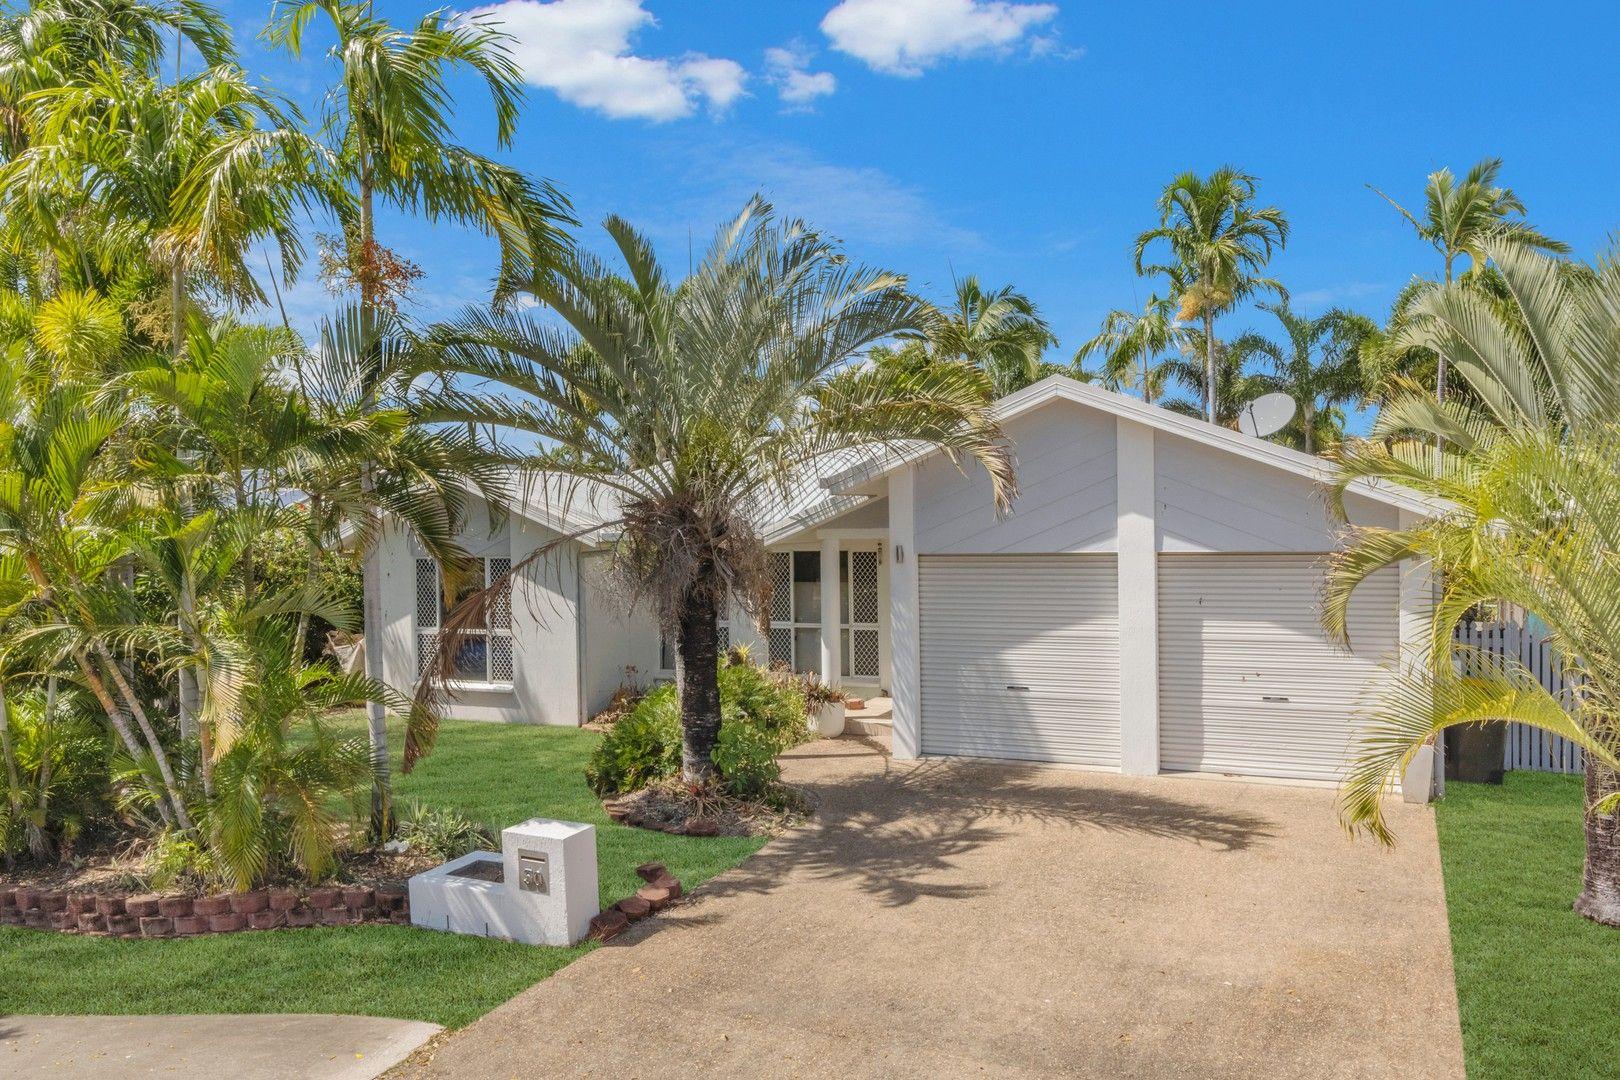 3 bedrooms House in 50 Burnda Street KIRWAN QLD, 4817